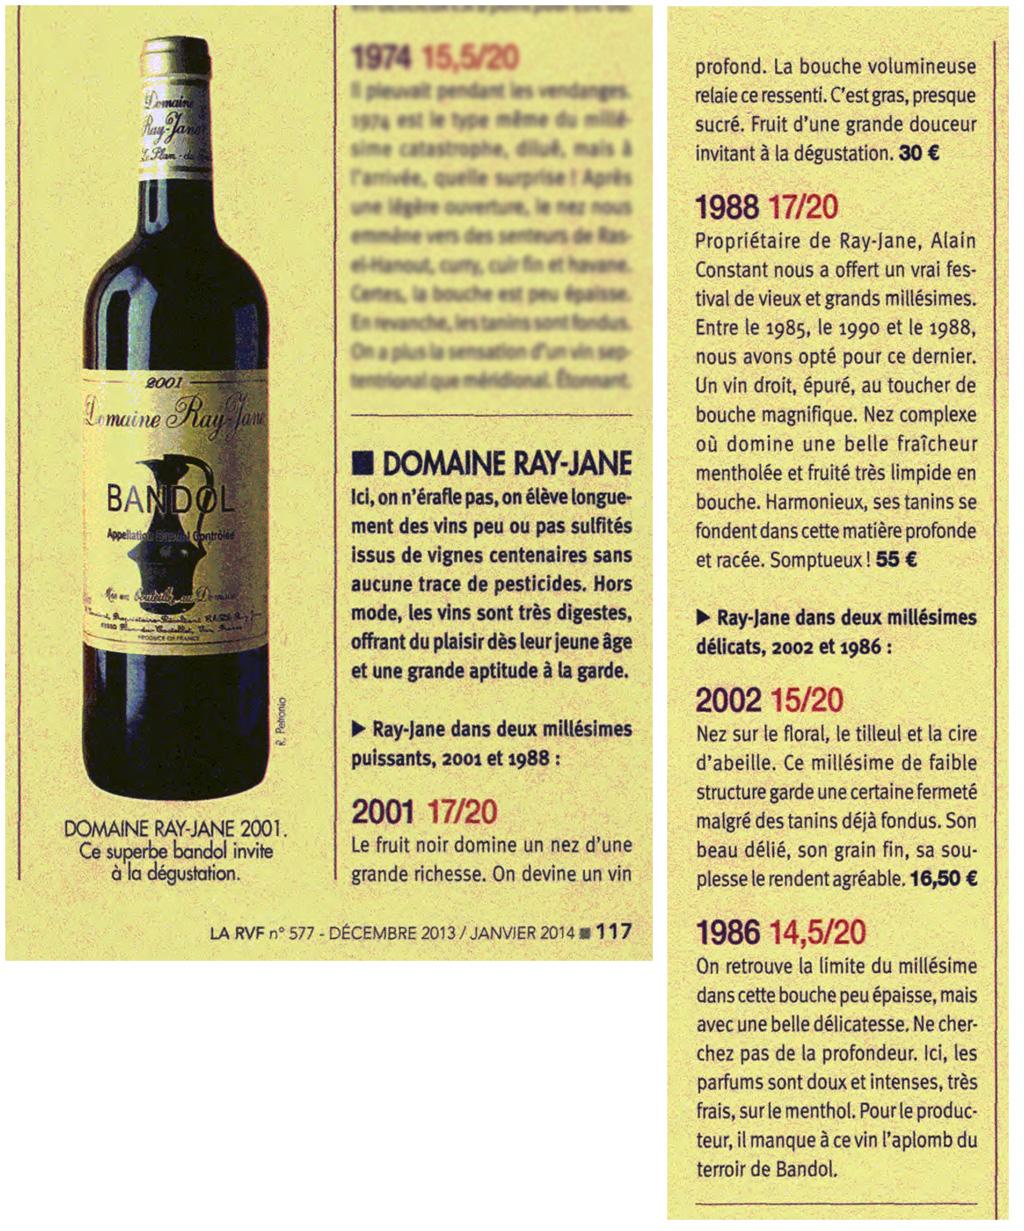 Revue des vins de france n 577 for Revue des vins de france